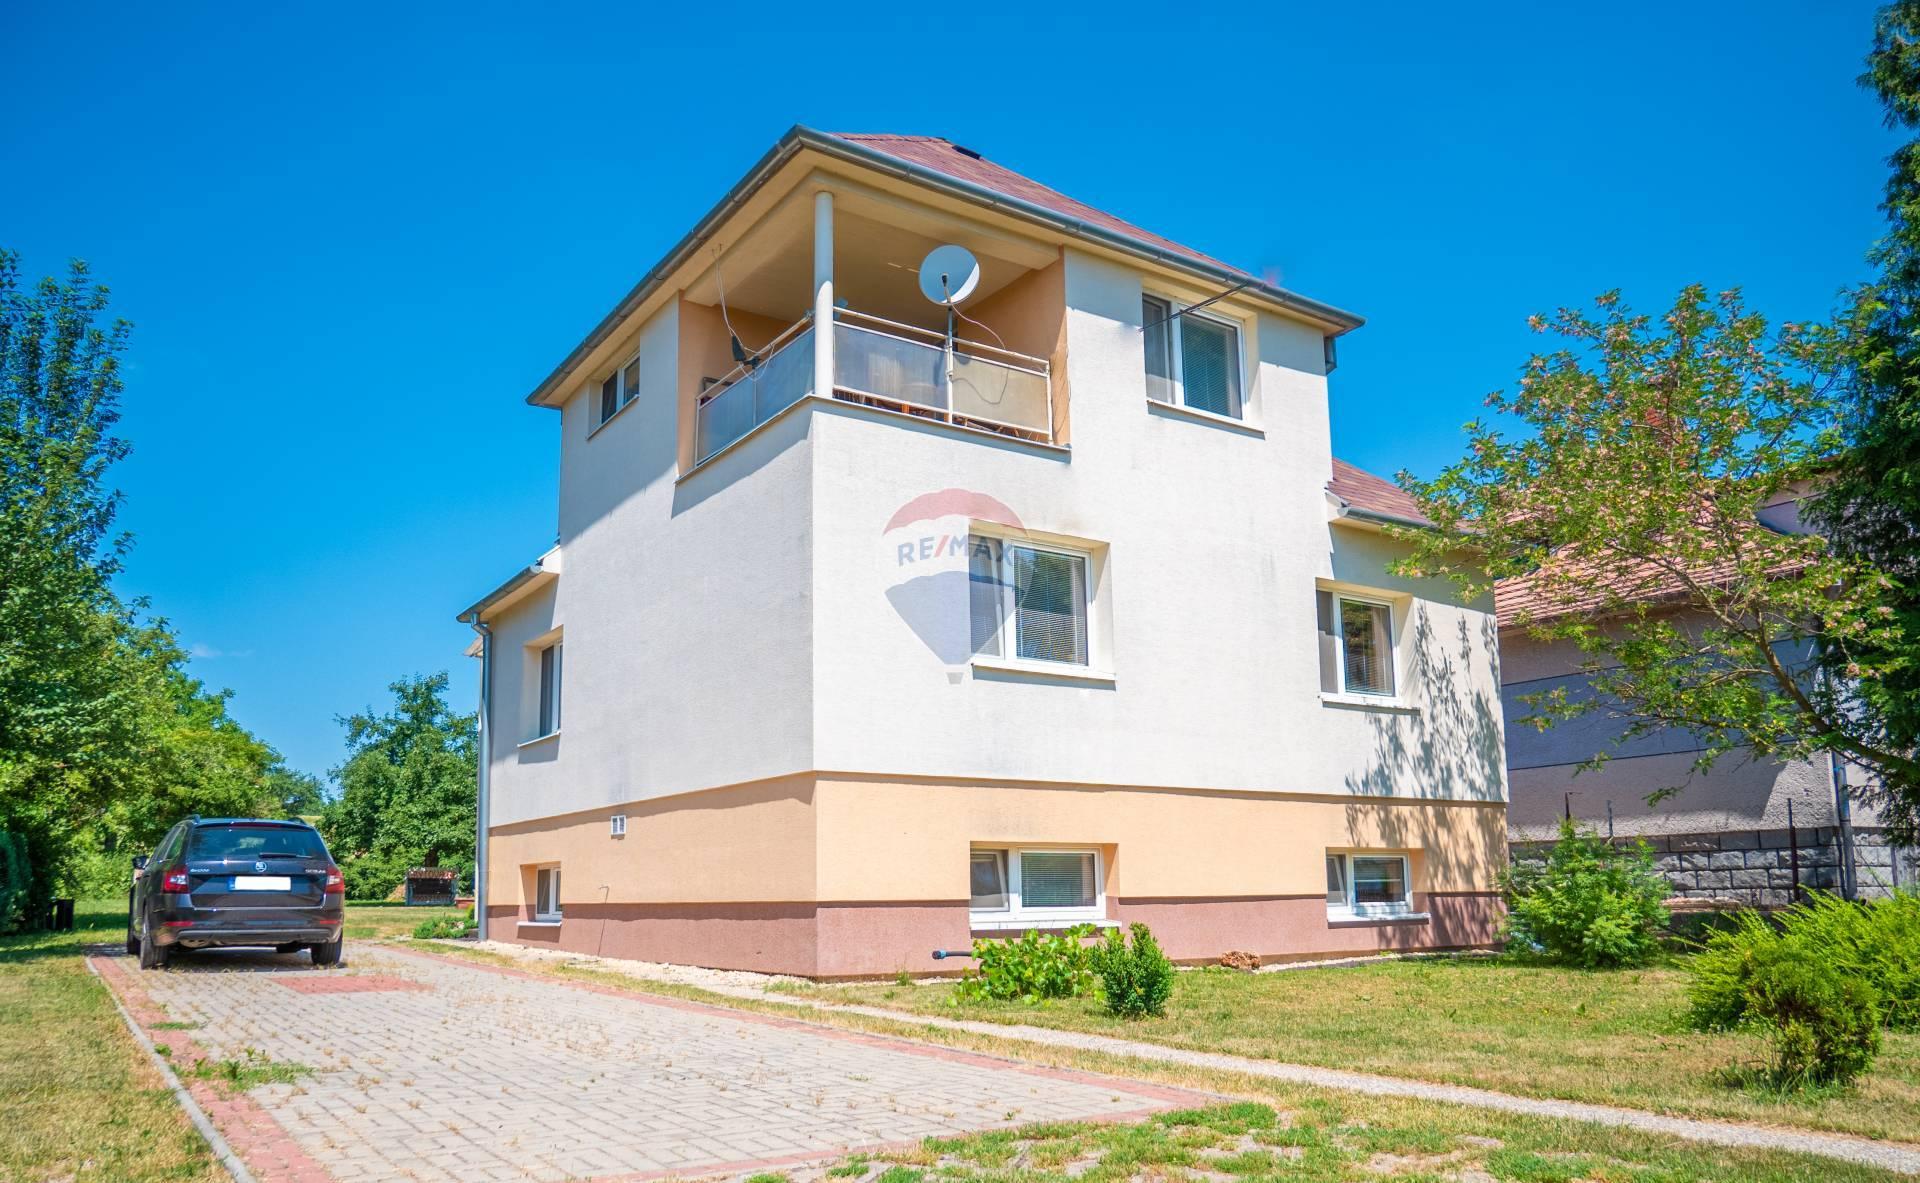 Predaj domu s pozemkom 3625 m2 Terany